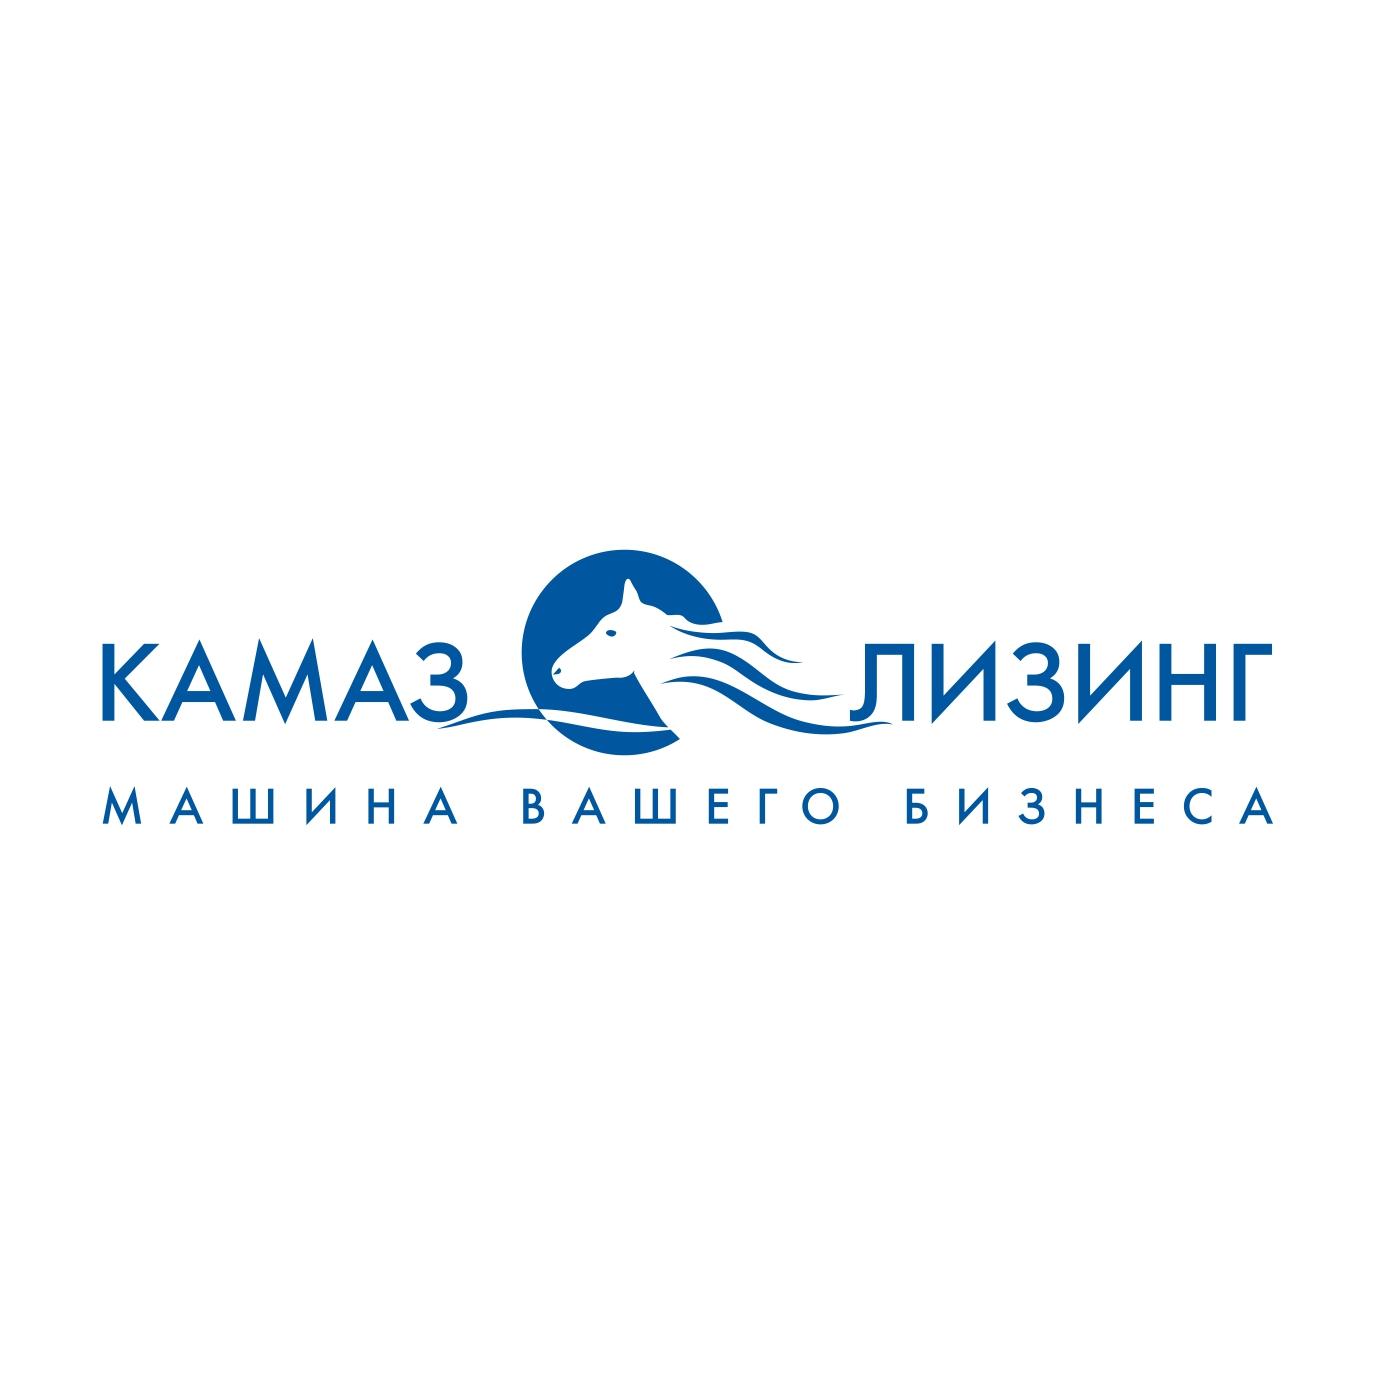 «КАМАЗ-ЛИЗИНГ» ВВЁЛ ЭКСПРЕСС-ПРОВЕРКУ